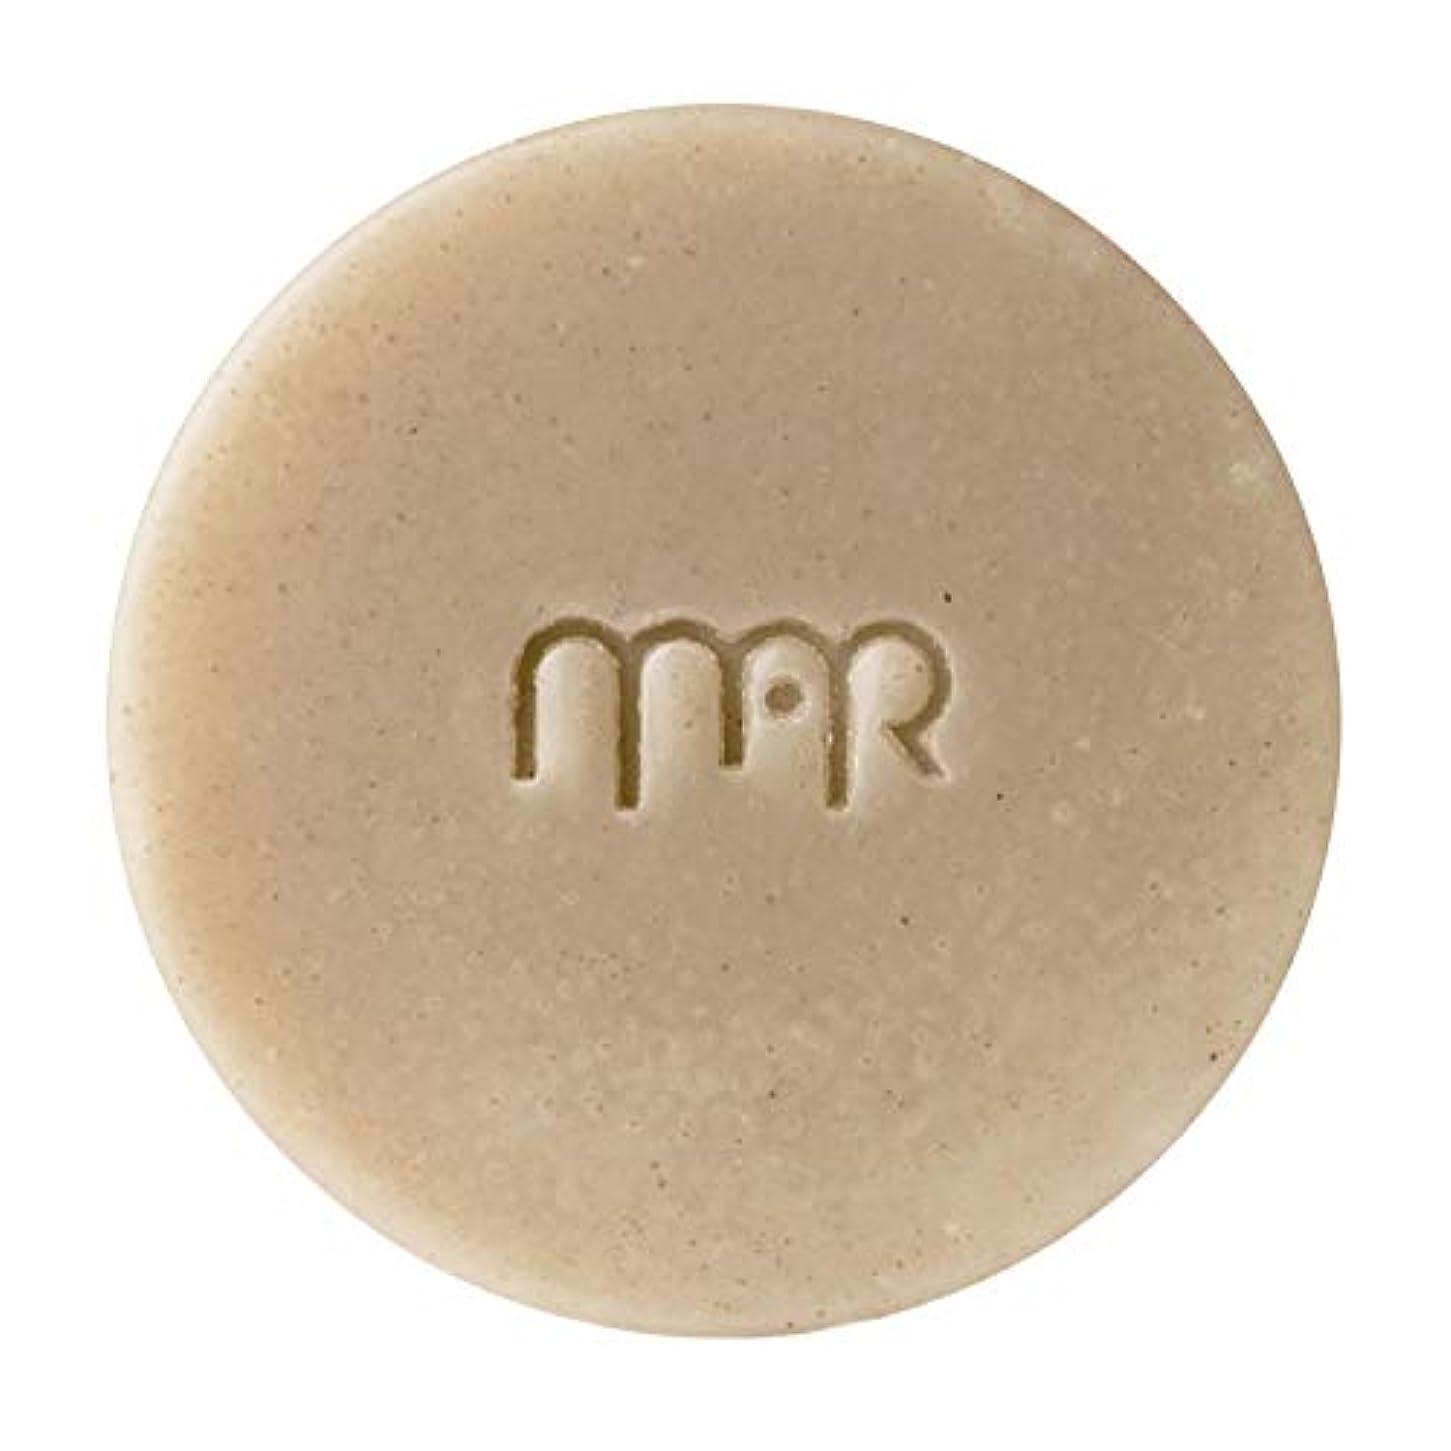 野心公然と側面マールアペラル (MARapelar) オーガニッククレイ石鹸(大) 80g / 約30日分